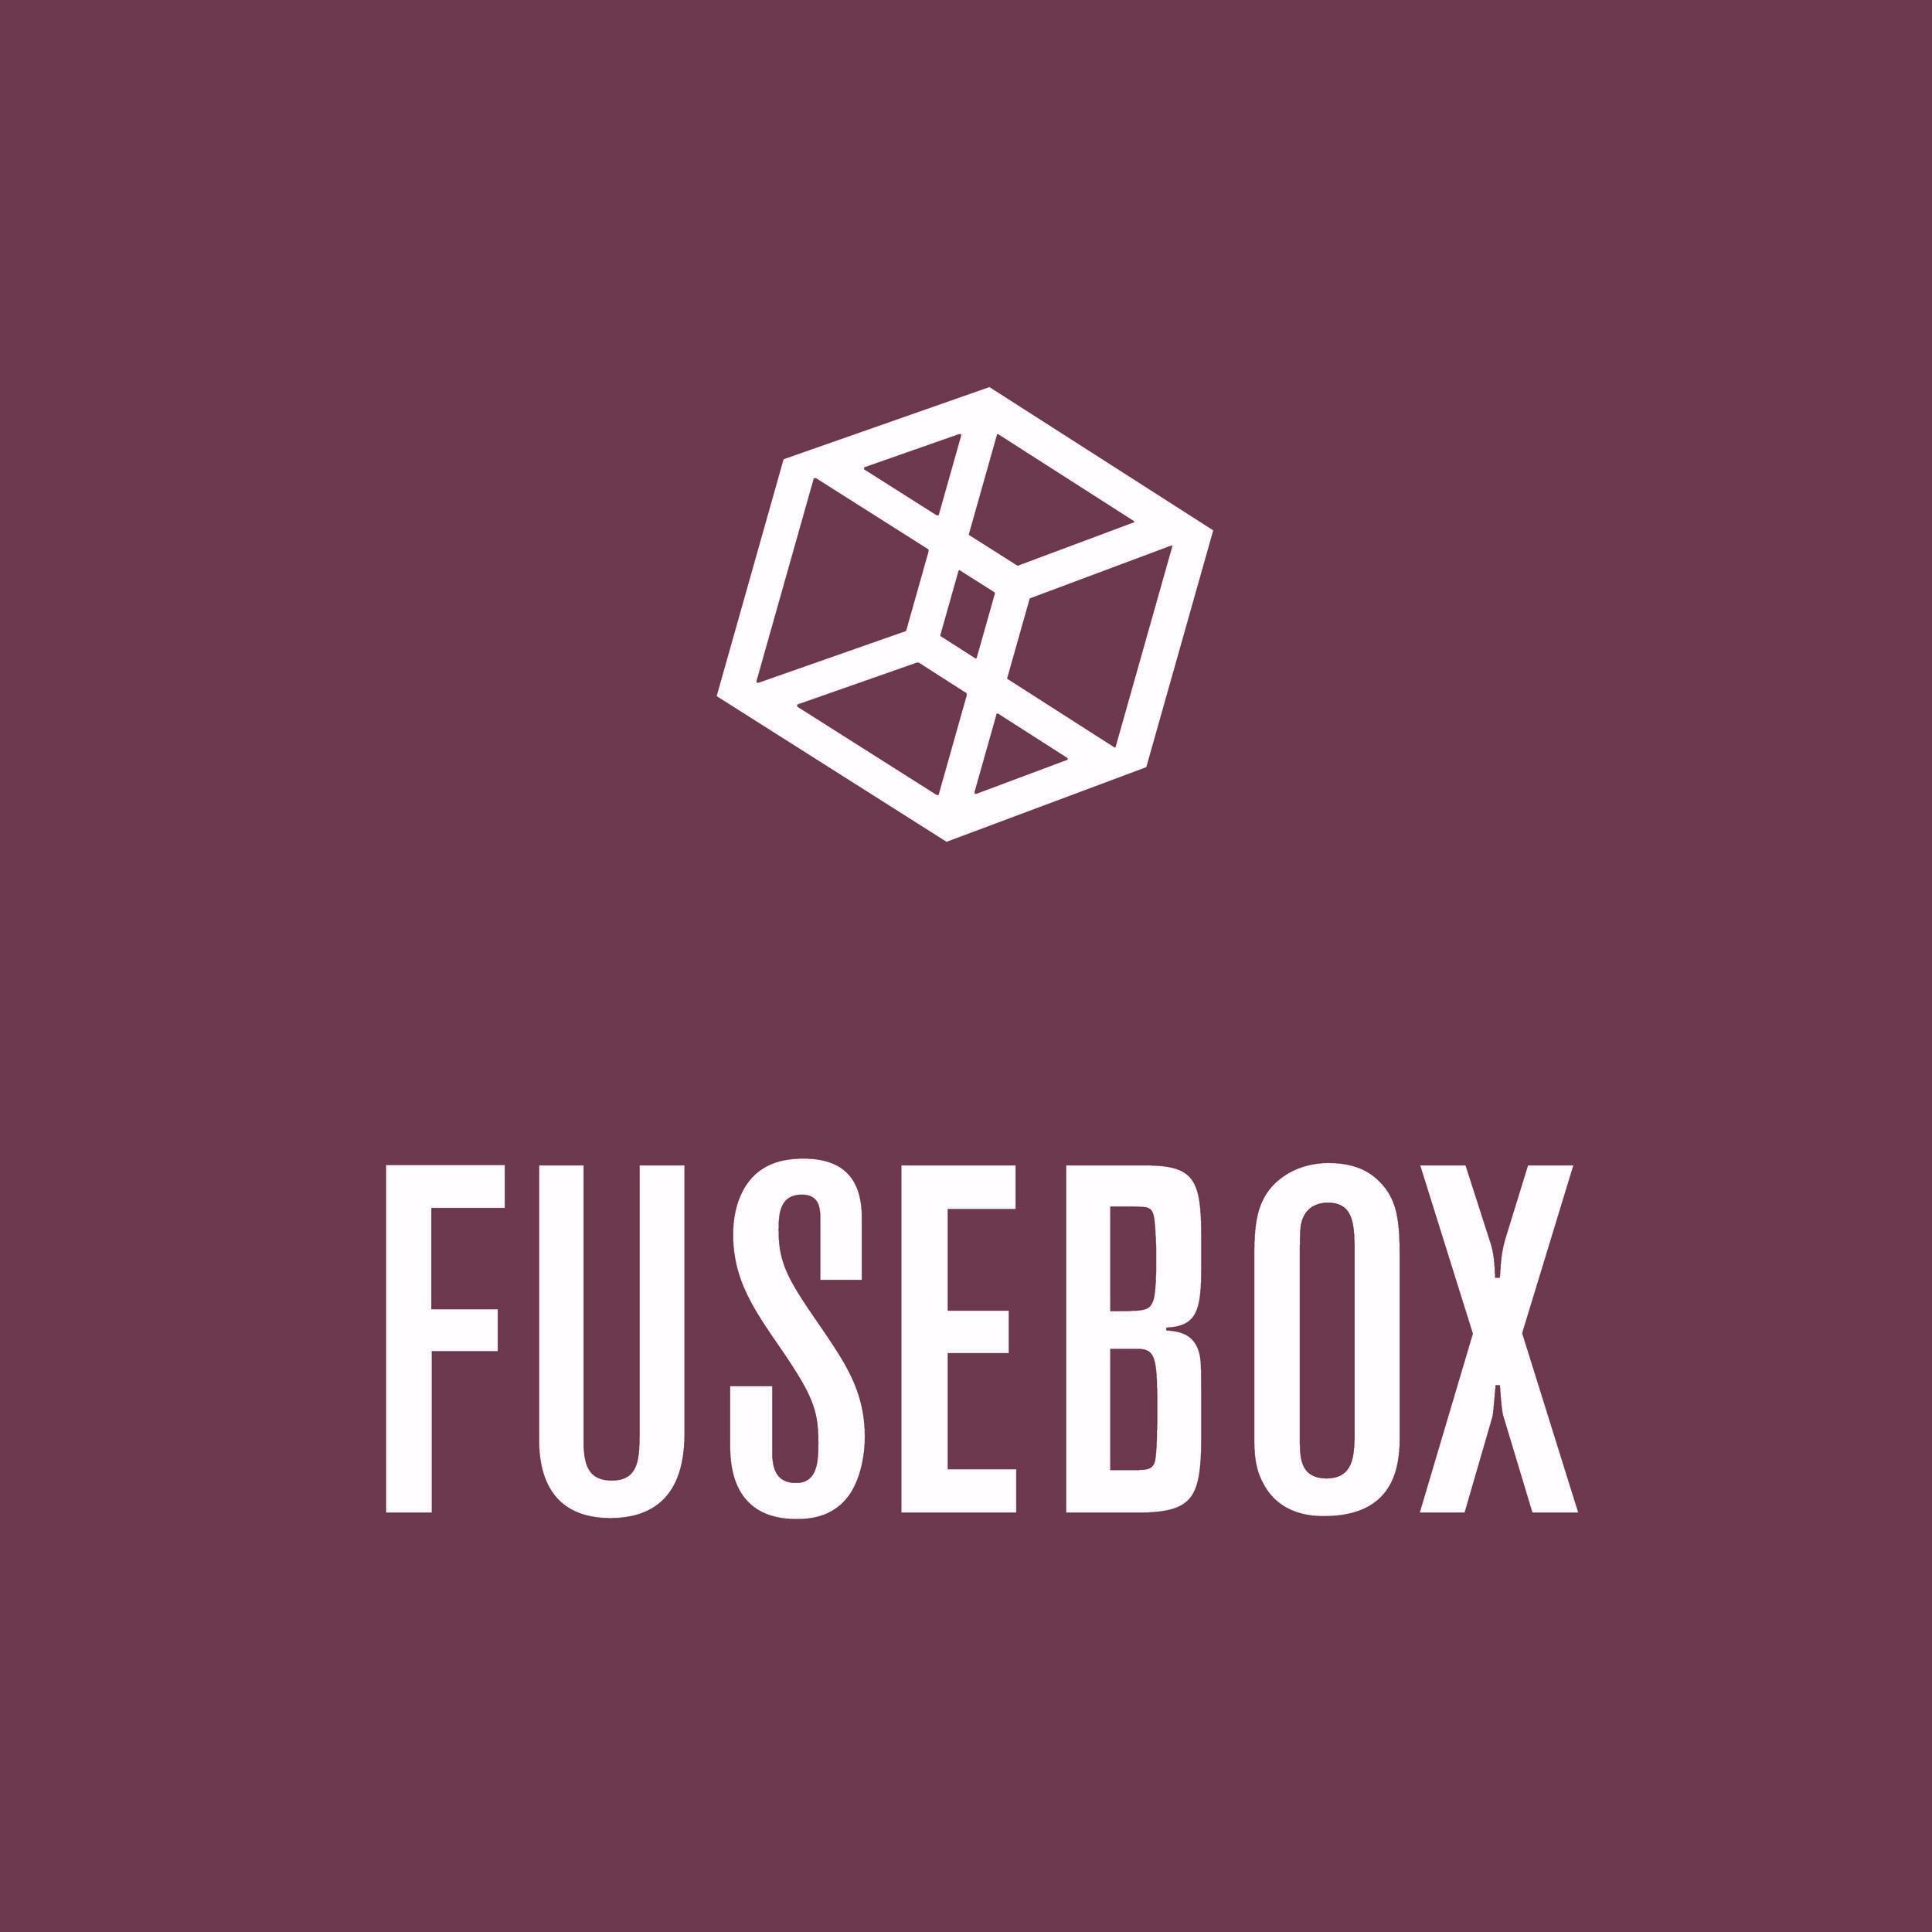 fusebox coworking studio [ 1500 x 1500 Pixel ]